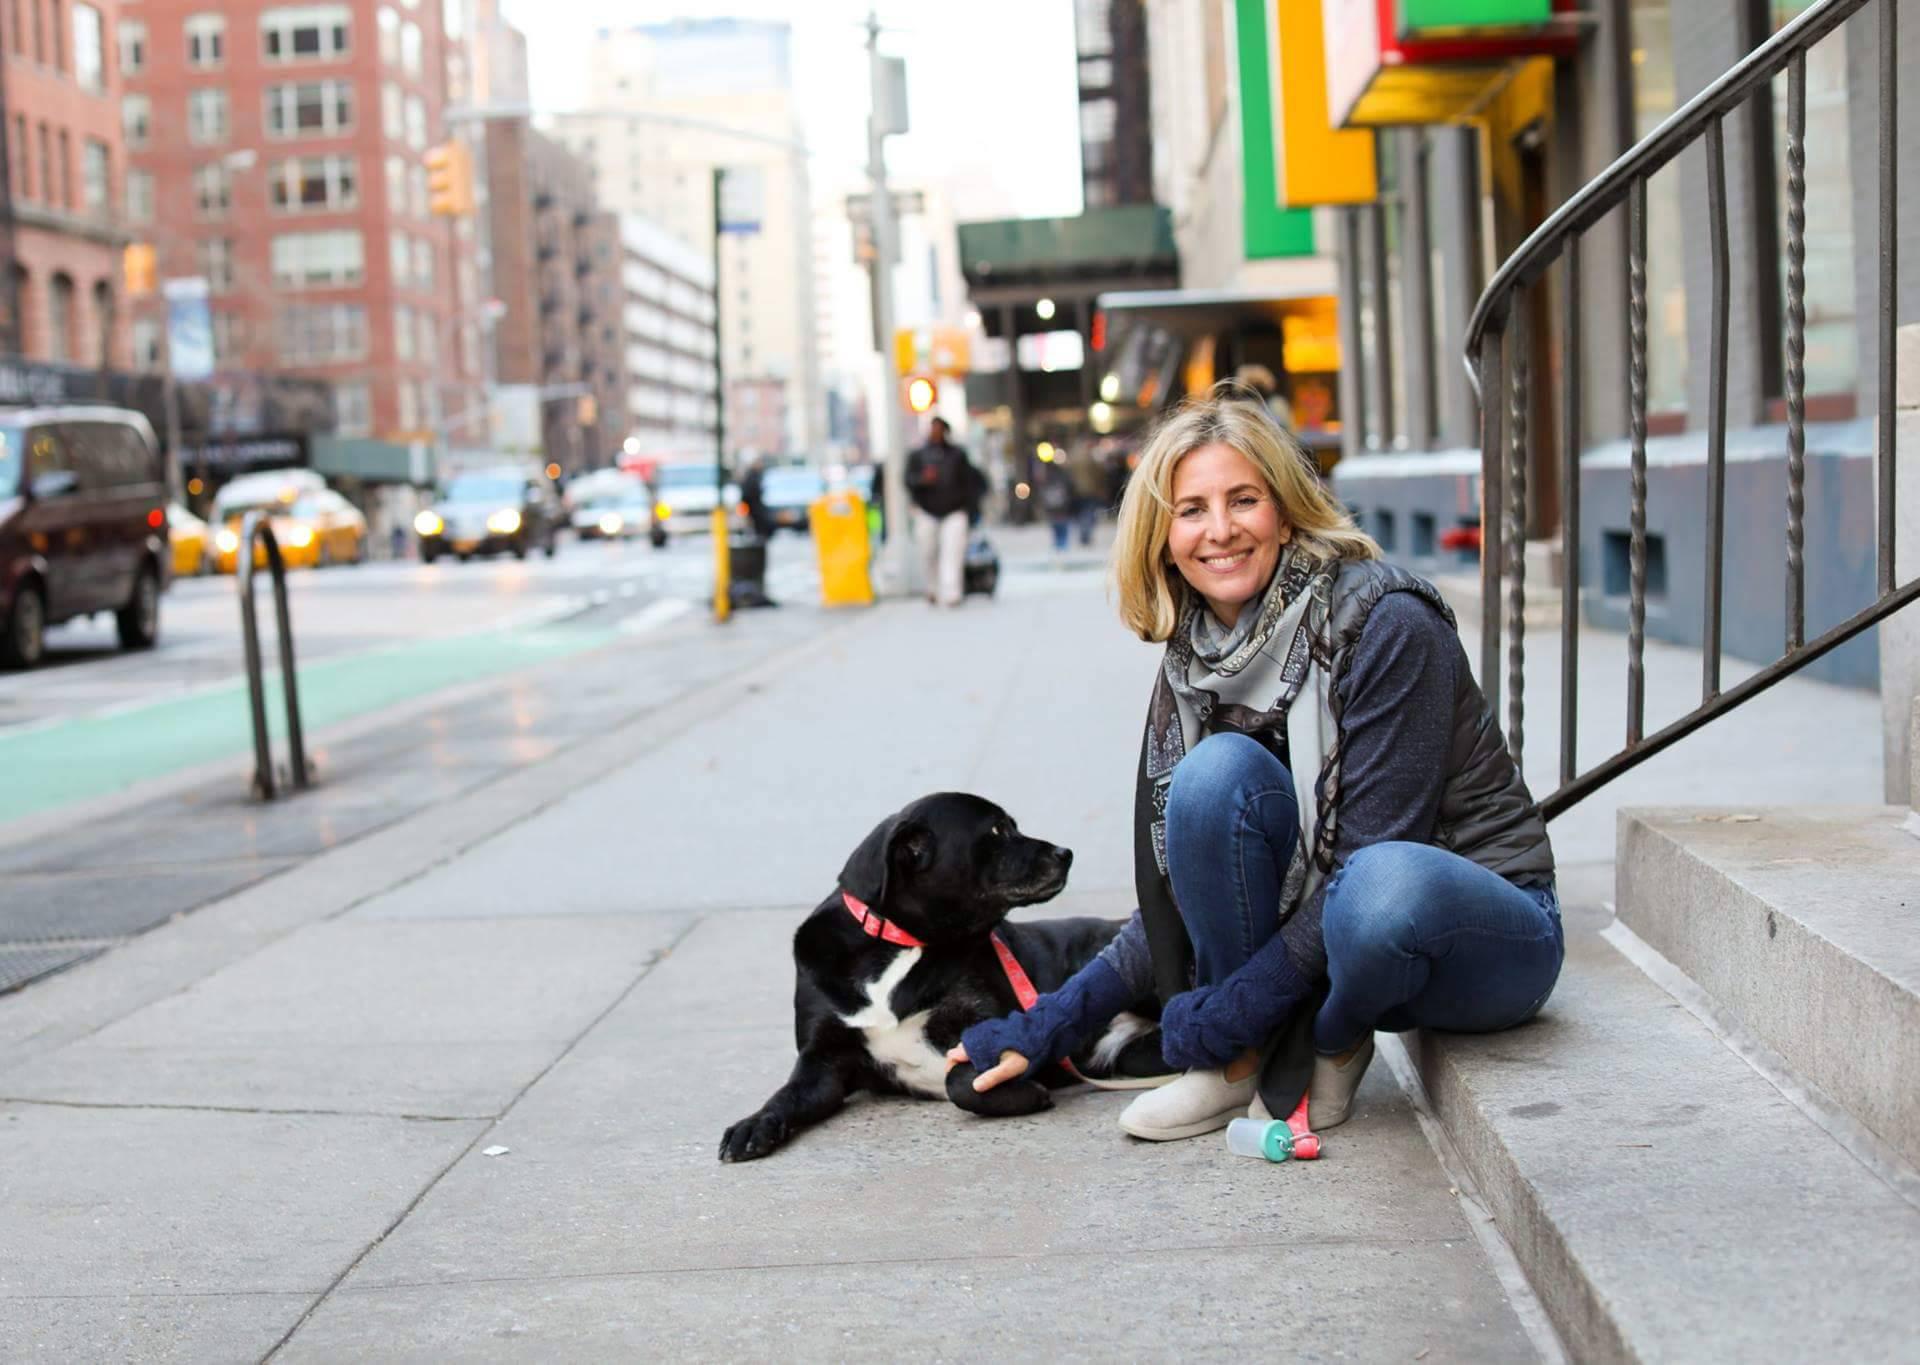 'Napuštena kujica me spasila kada mi je suprug naglo umro'